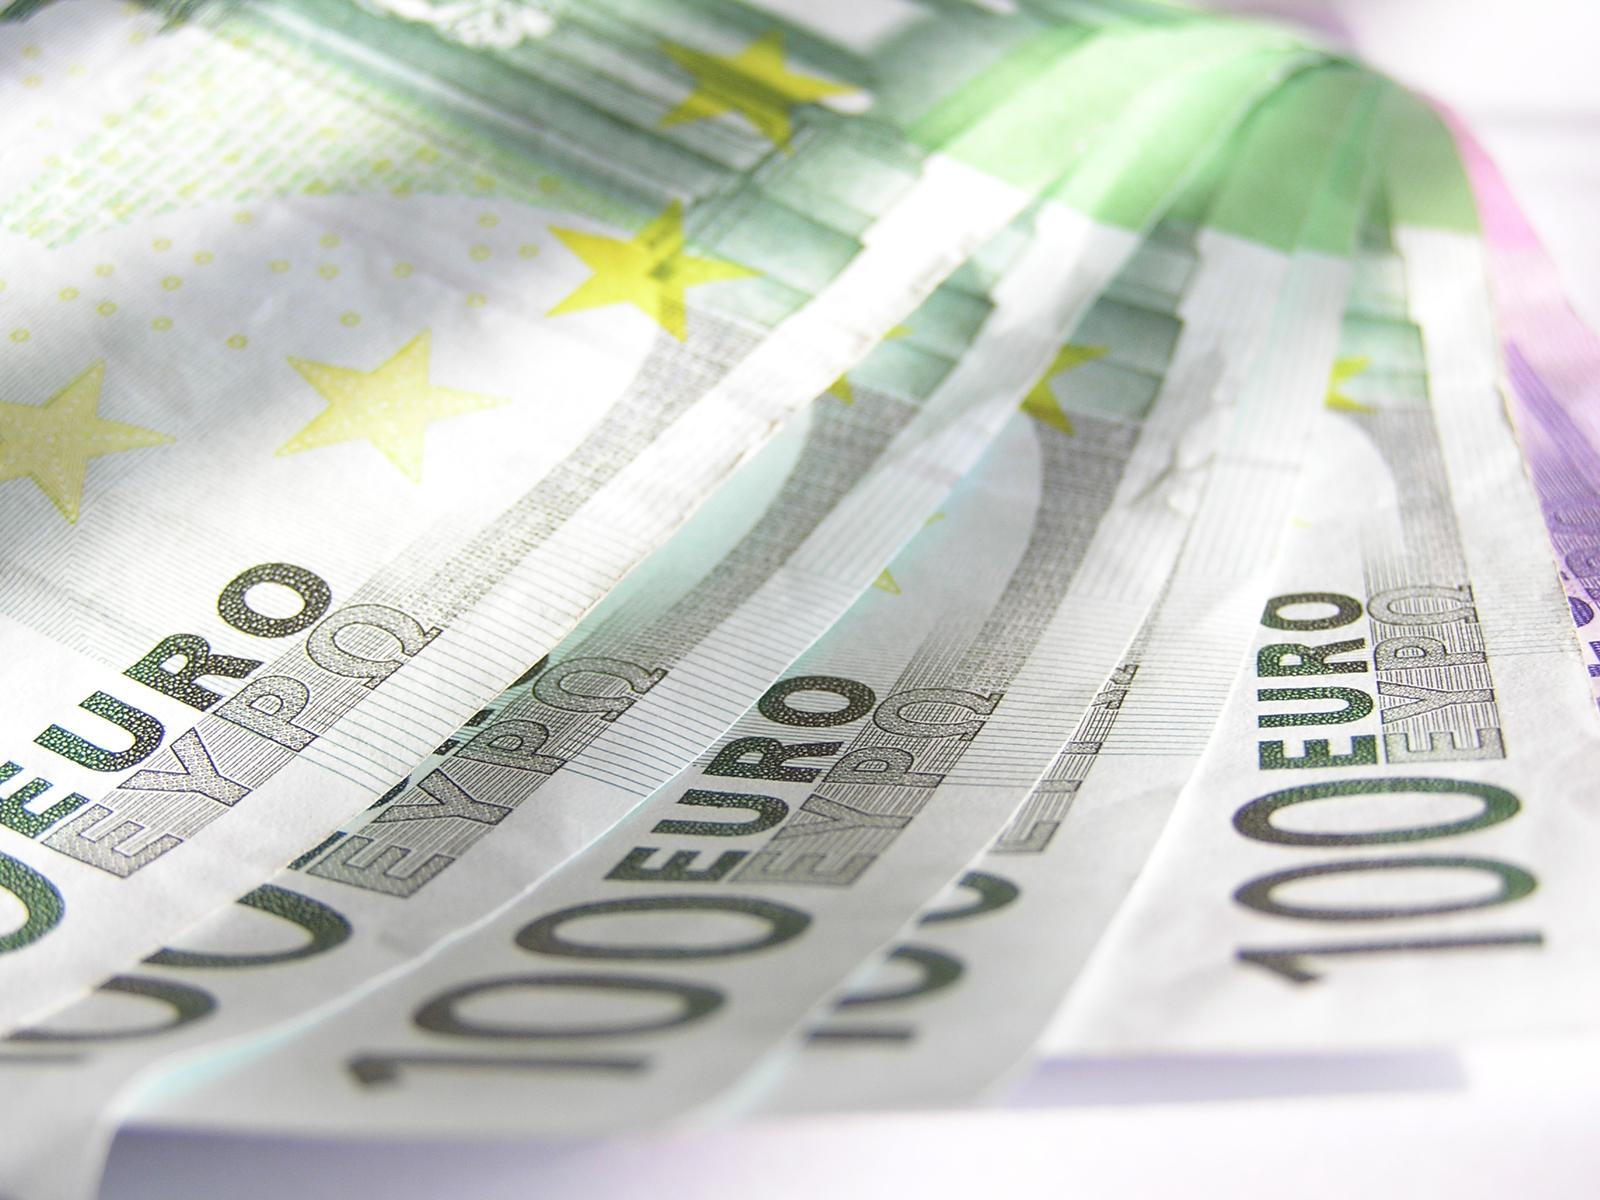 Inversis destaca al MSI Fund Diversified Alpha Plus como fondo del mes